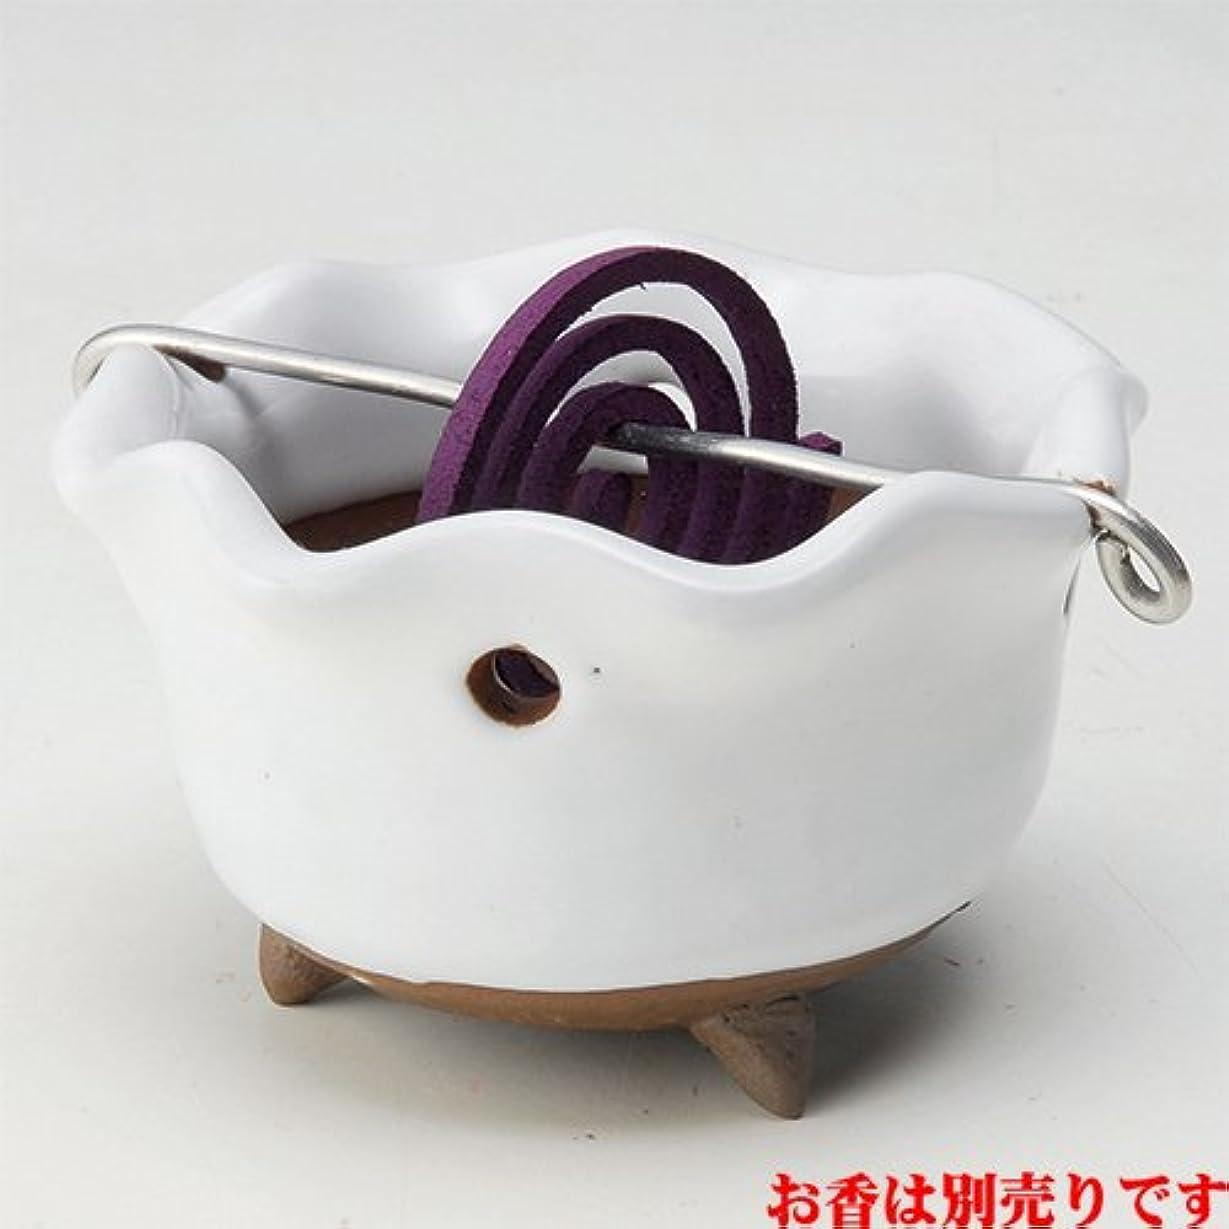 治療利用可能トランスミッション香皿 白志野 花型 香鉢 [R8.5xH5.3cm] HANDMADE プレゼント ギフト 和食器 かわいい インテリア